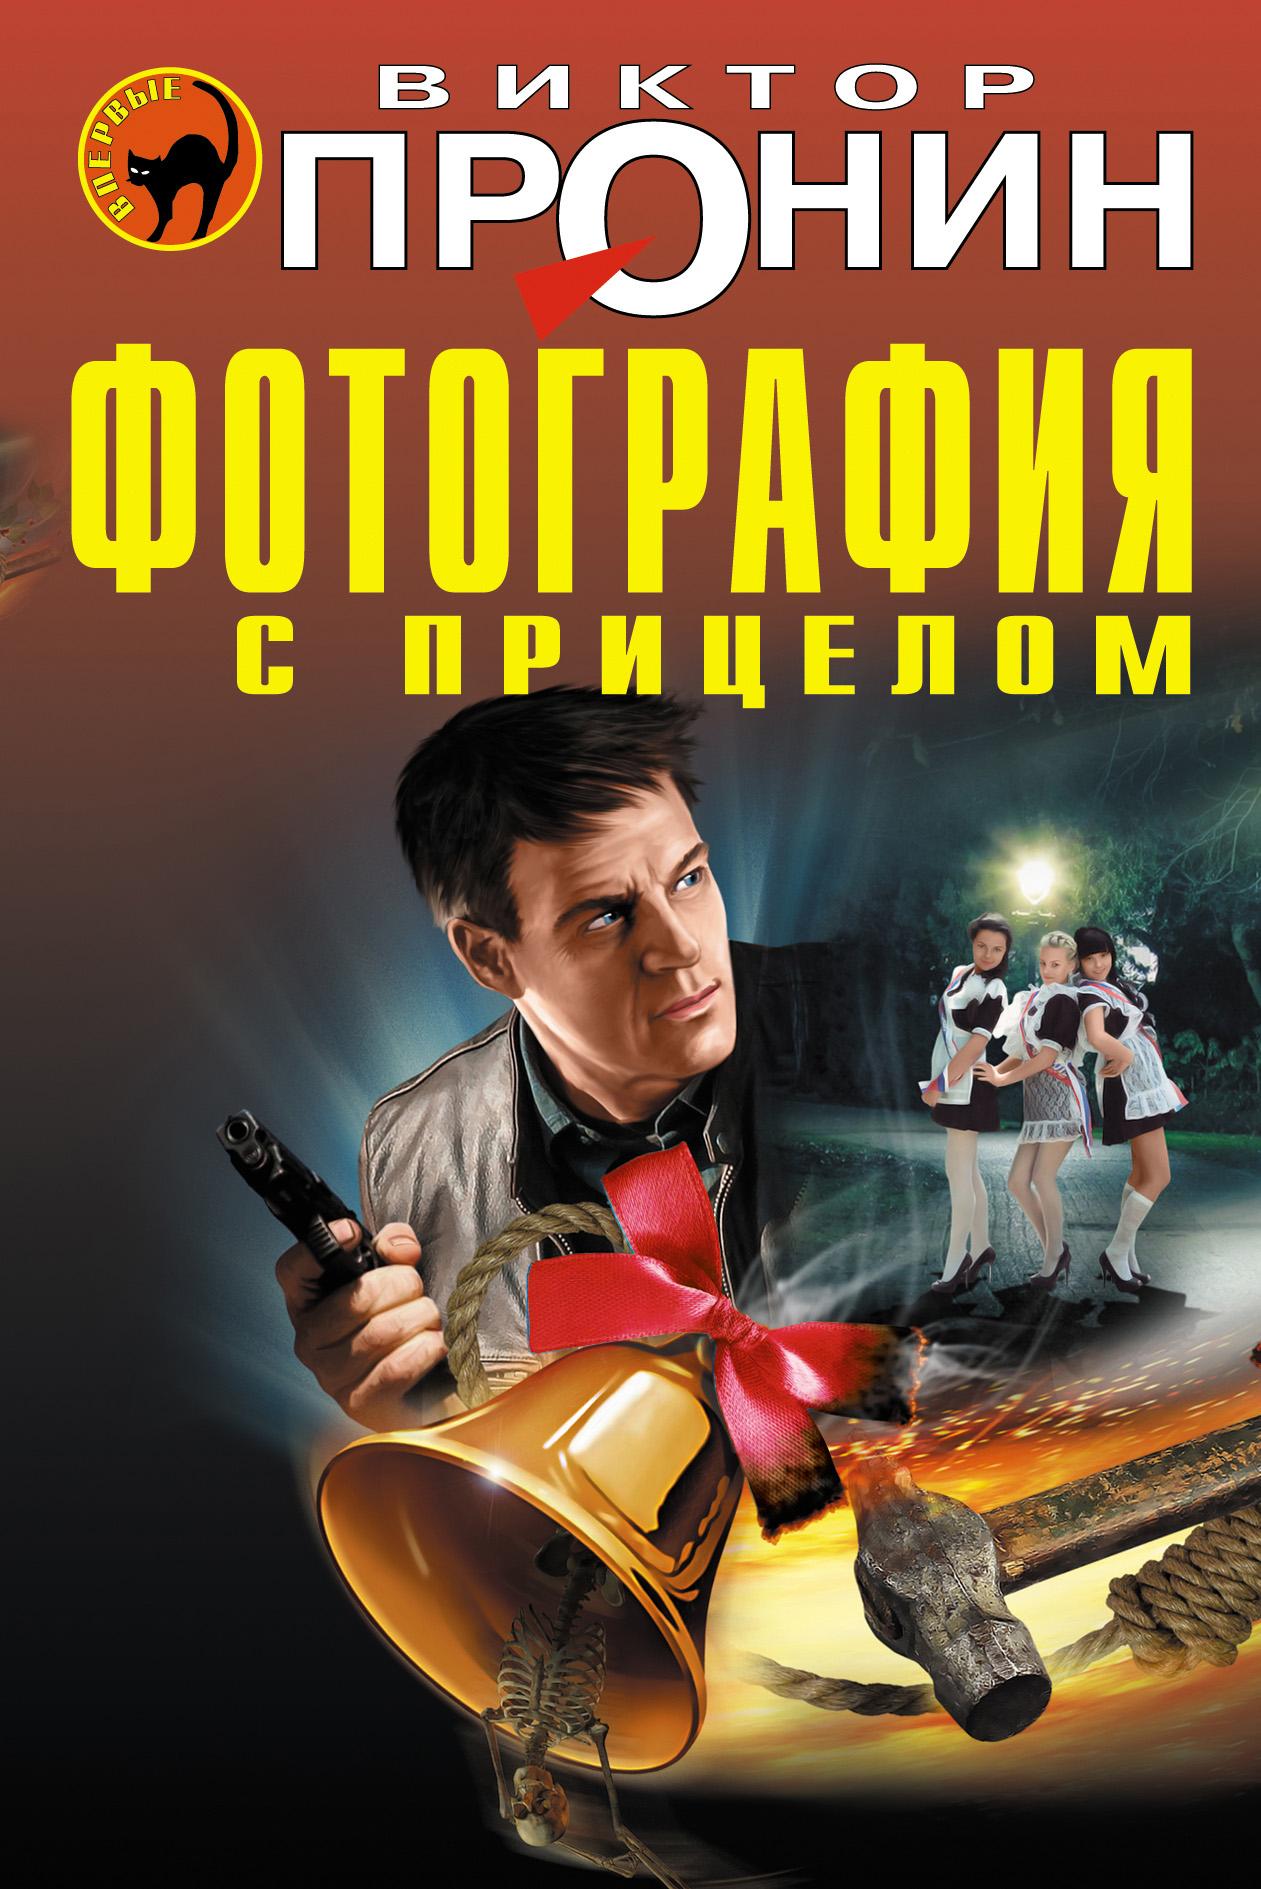 Виктор Пронин Фотография с прицелом (сборник) пронин в фотография с прицелом